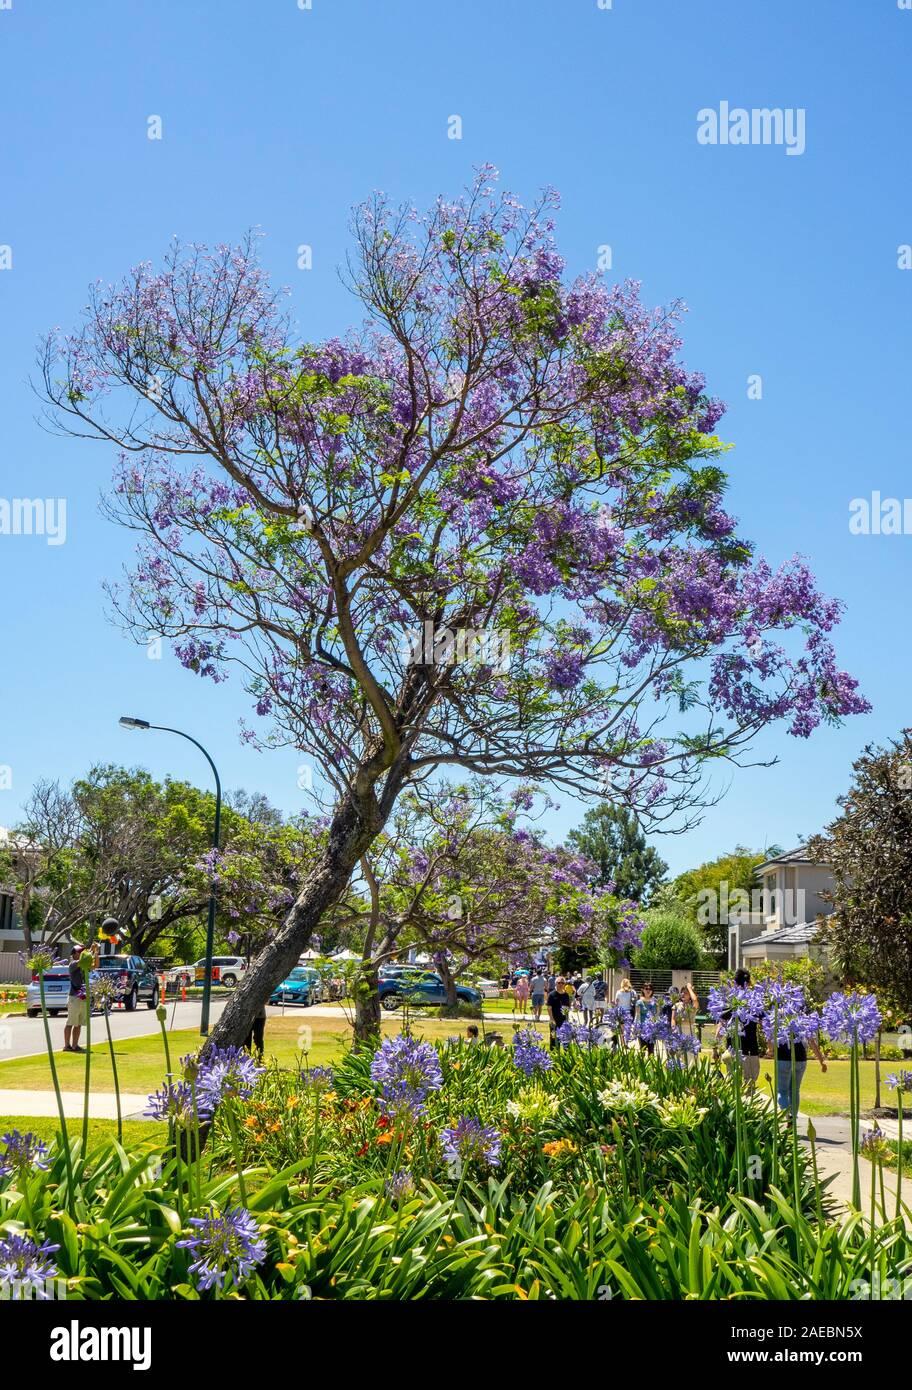 Agapanthus et Jacaranda tree en pleine floraison à St Ardross Fléron Perth Western Australia. Banque D'Images